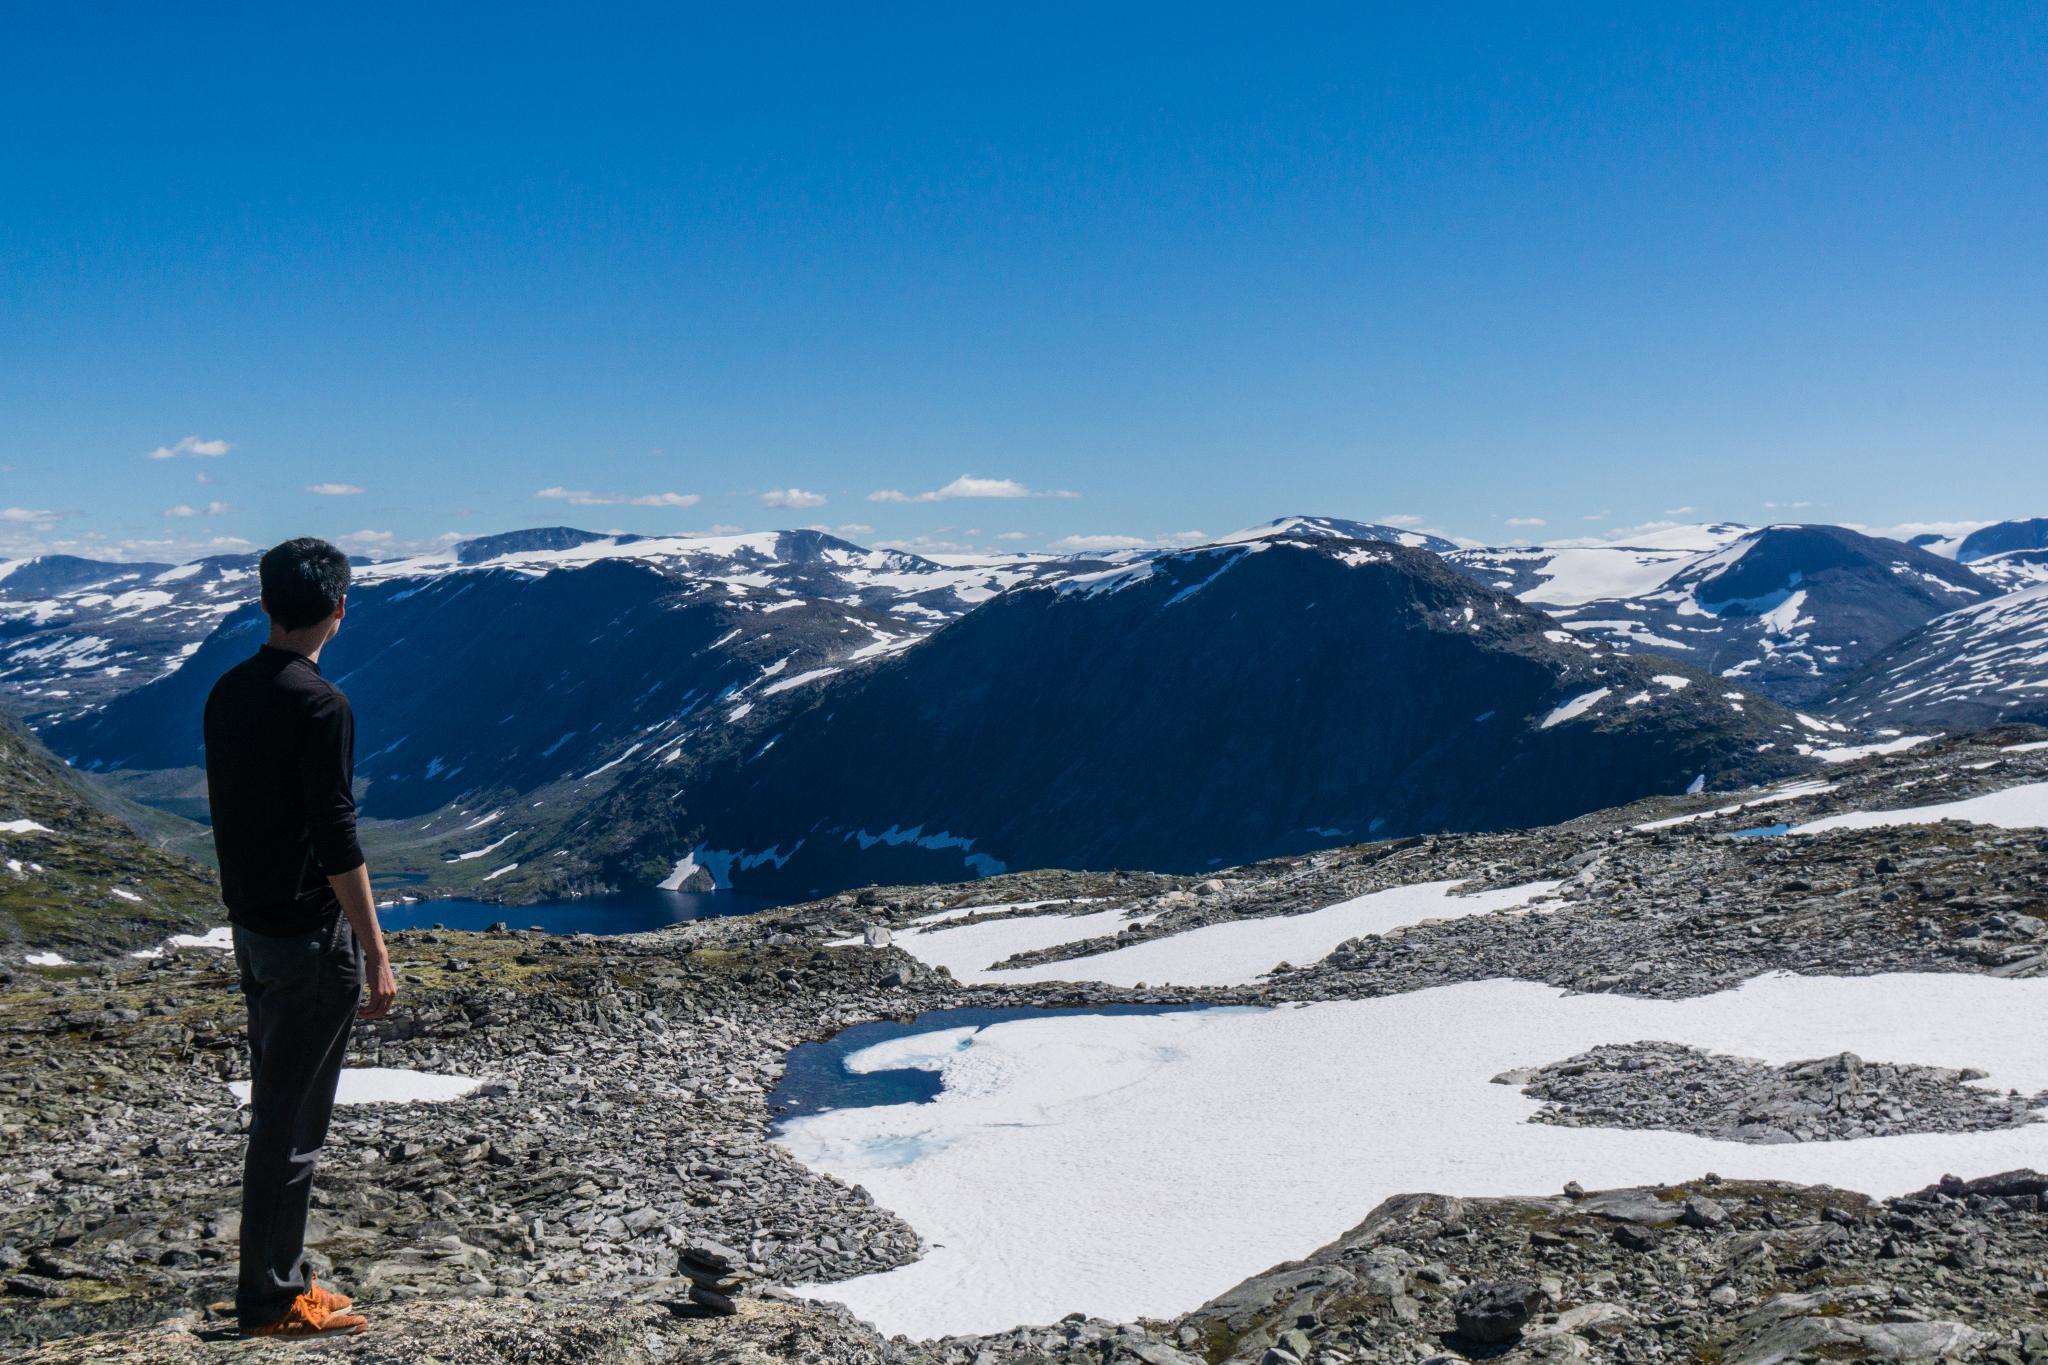 【北歐景點】歐洲最震撼的峽灣觀景台 — Dalsnibba Mountain Plateau 33